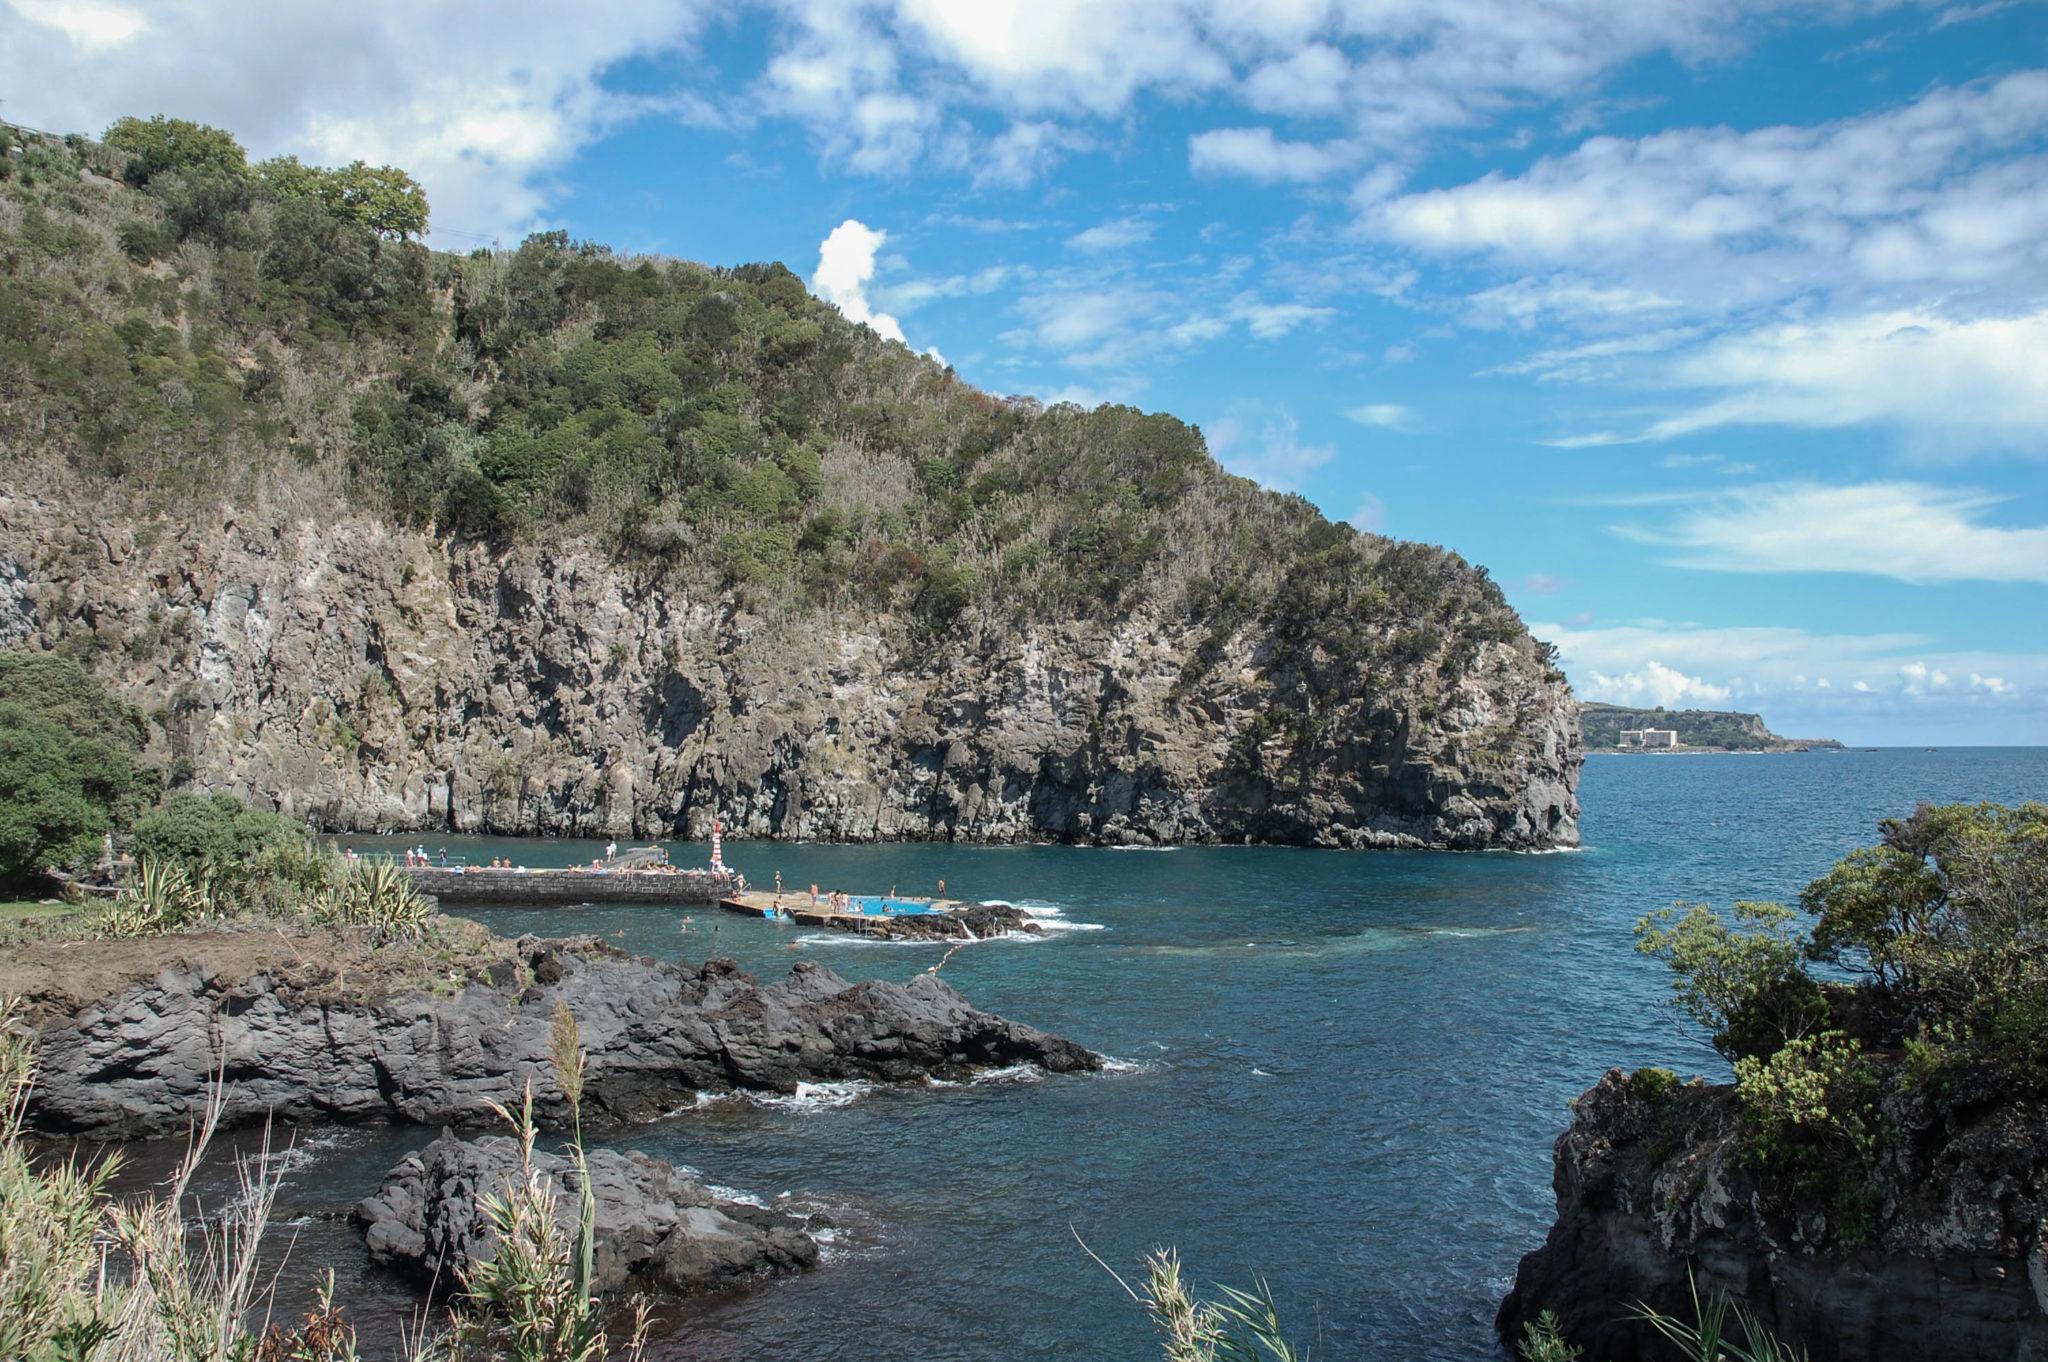 Die Azoren haben eine wunderbare Landschaft